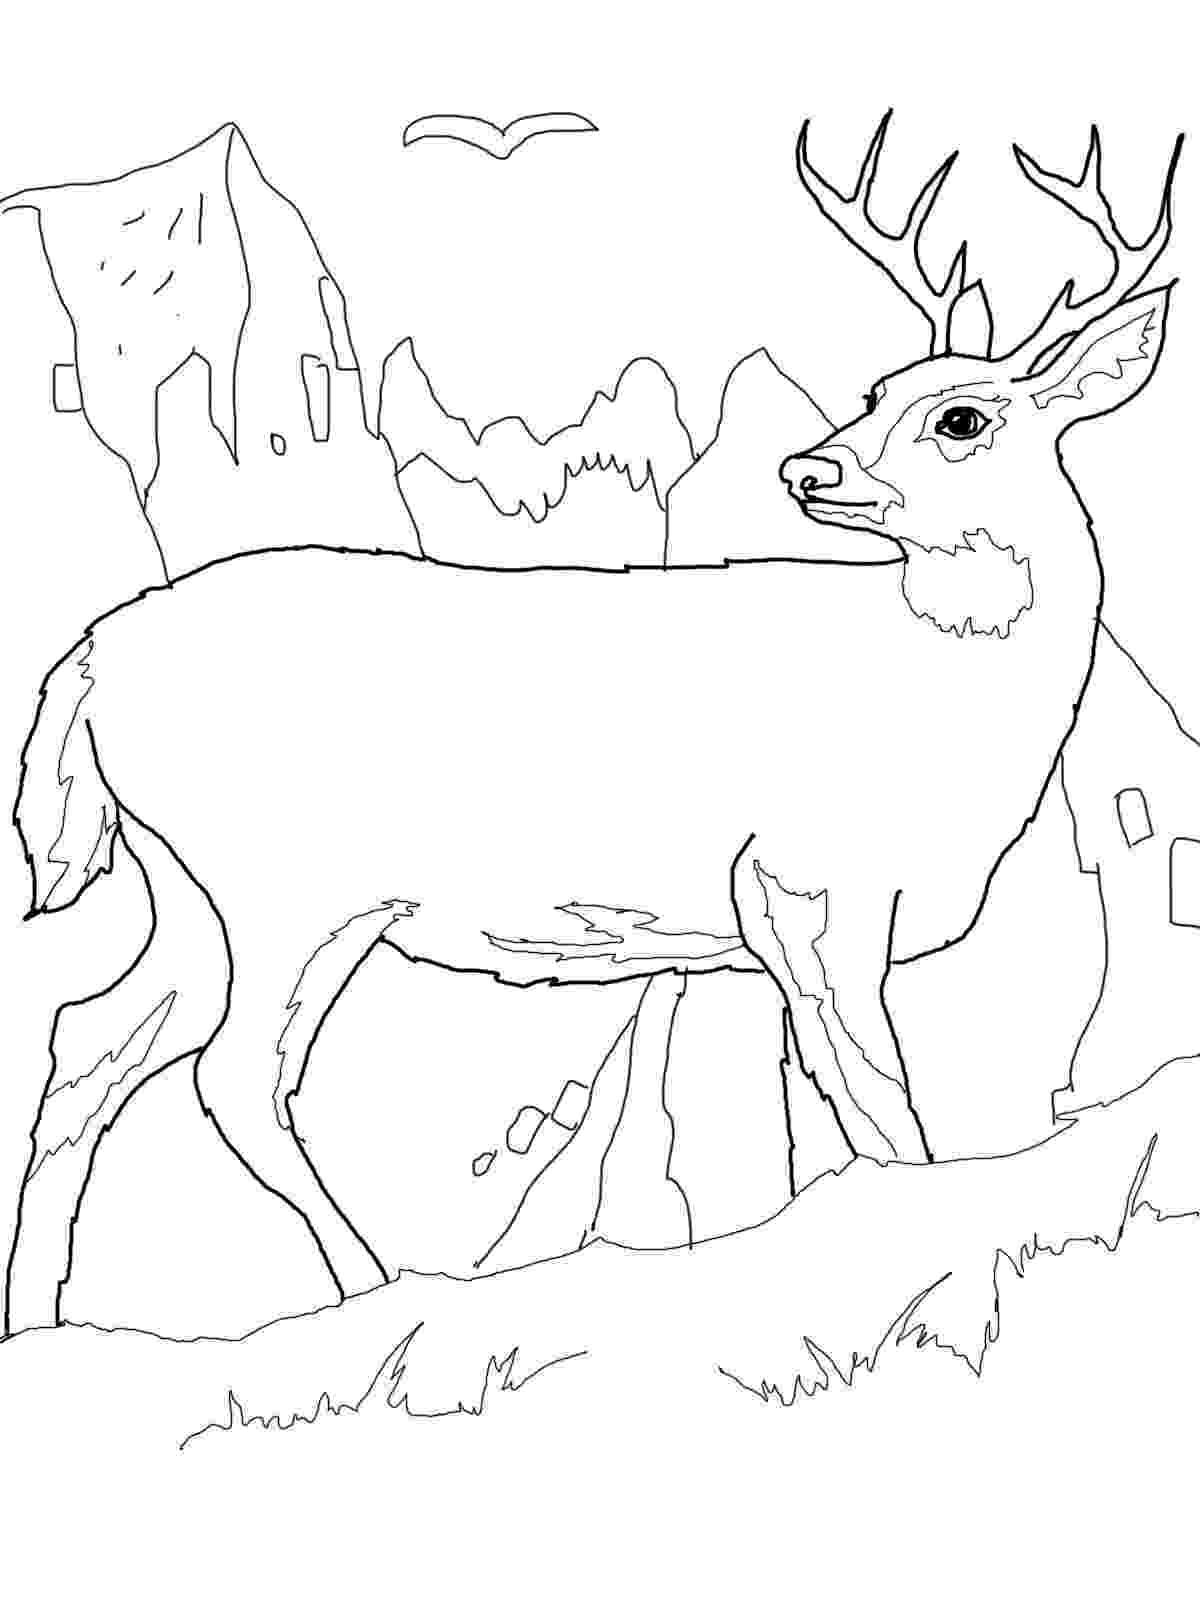 buck coloring pages free printable deer coloring pages for kids coloring buck pages